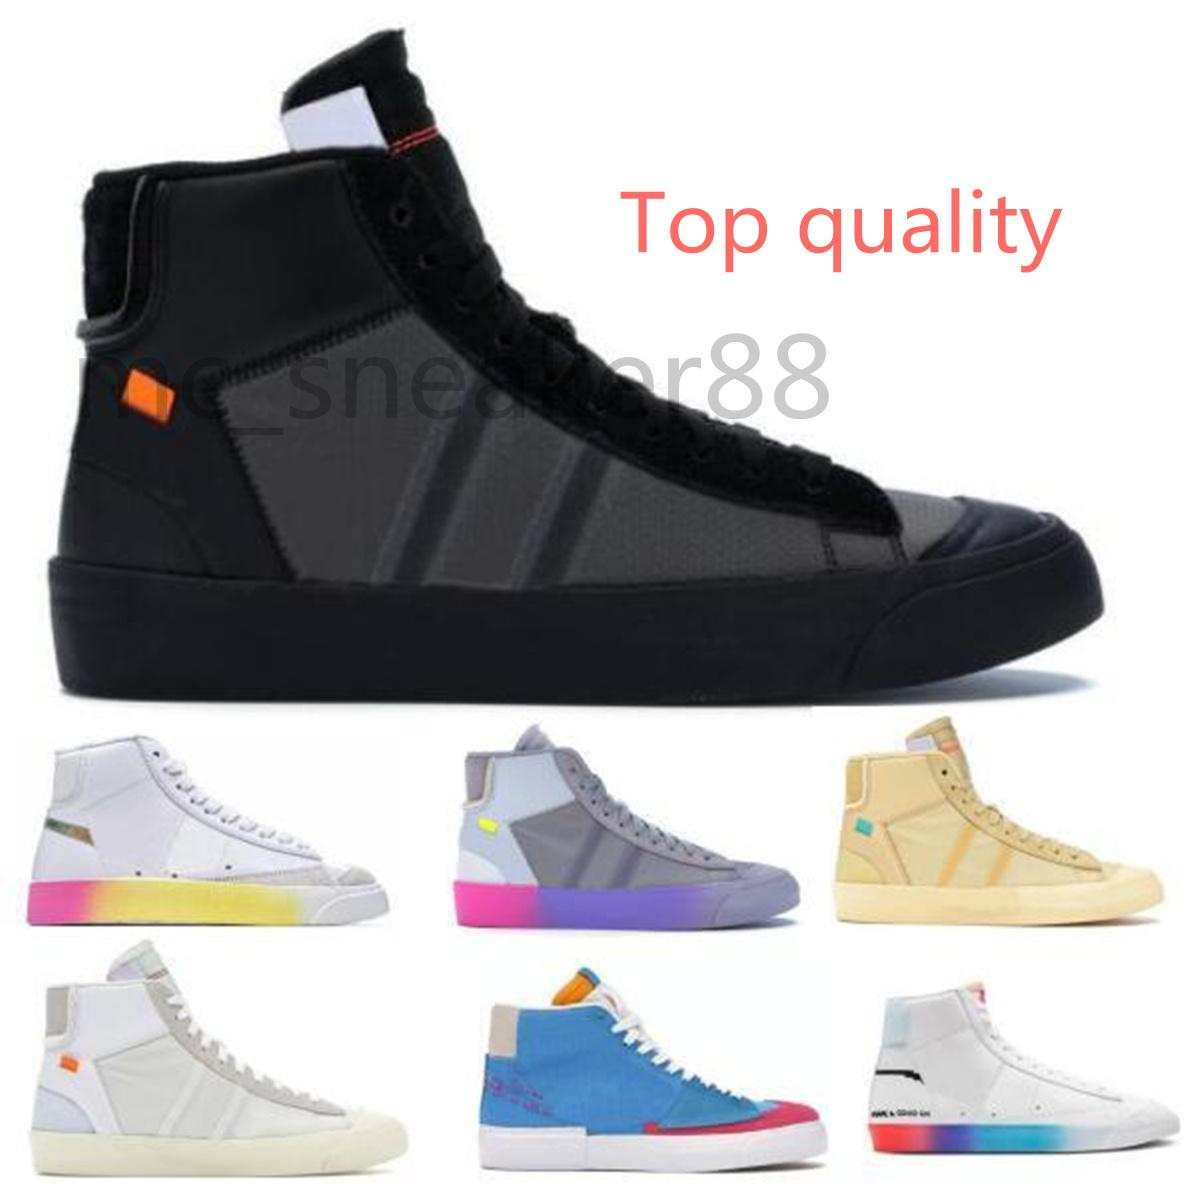 Off-White x Nike Blazer OW 뜨거운 2021 mens 중반 2.0 짜증 찌푸라기 모든 HALLOWS 이브 백색 세레나 윌리엄스 레인보우 여성 캐주얼 신발 블레이저 블랙 크기 36-45